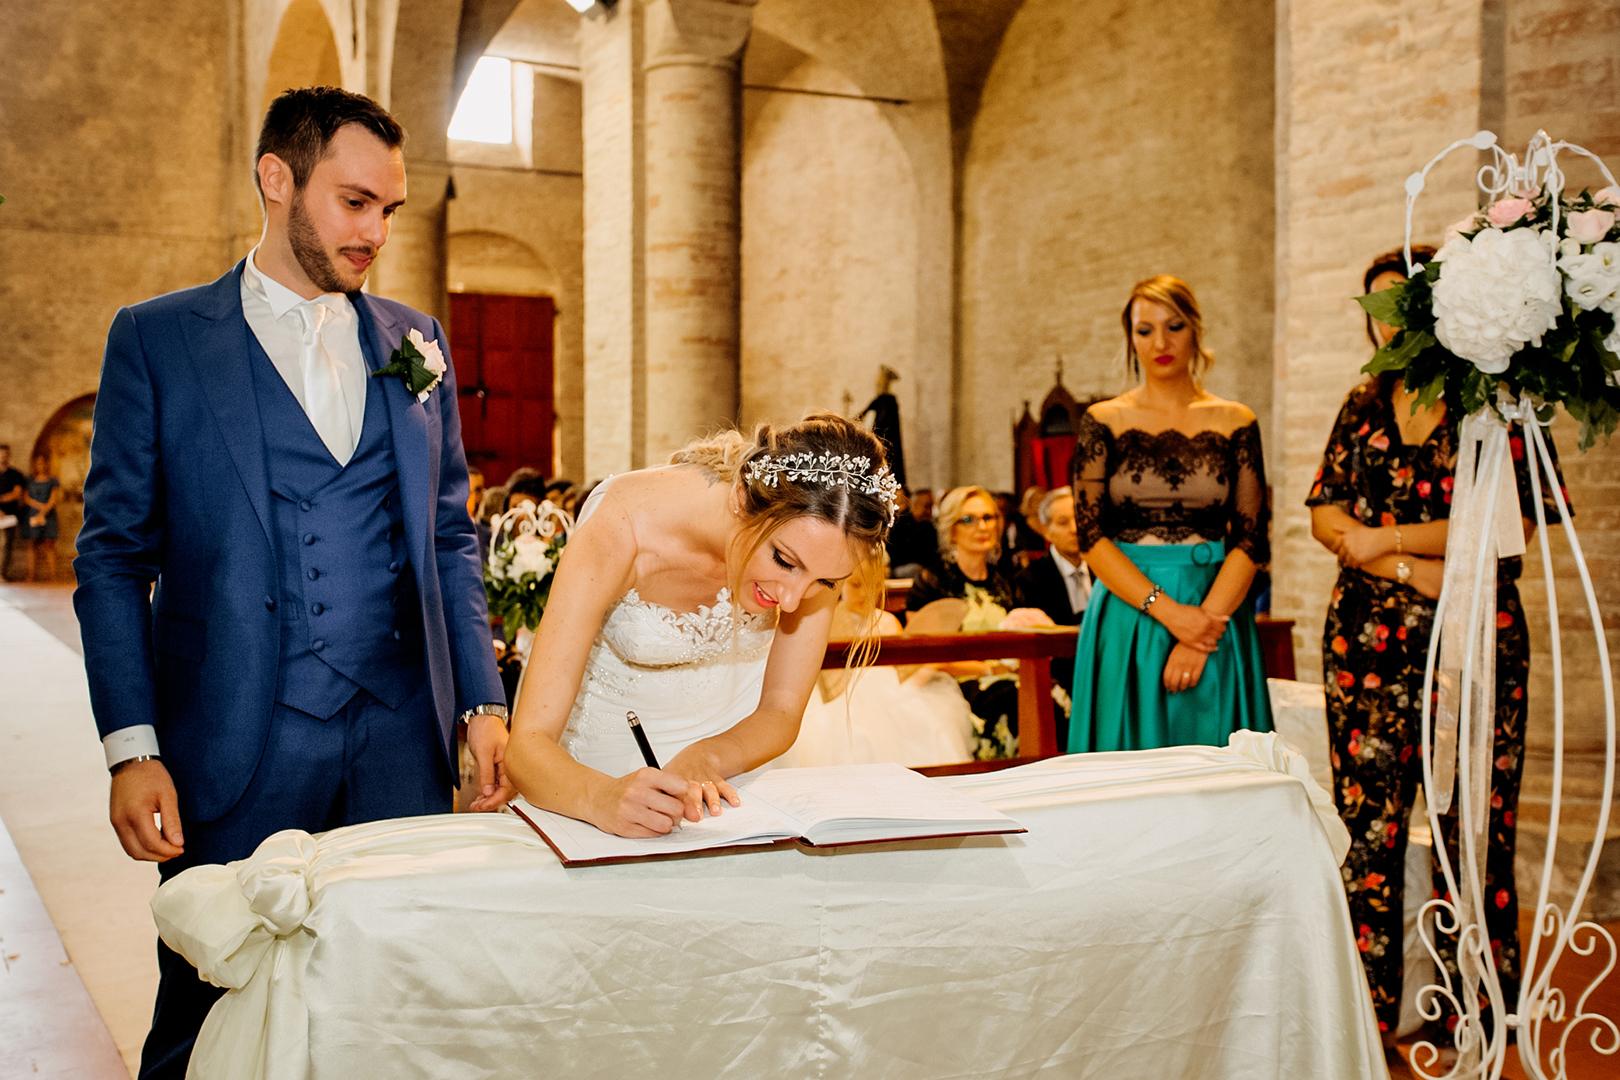 35 gianni-lepore-fotografo-sposi-firme-bride-chiesa